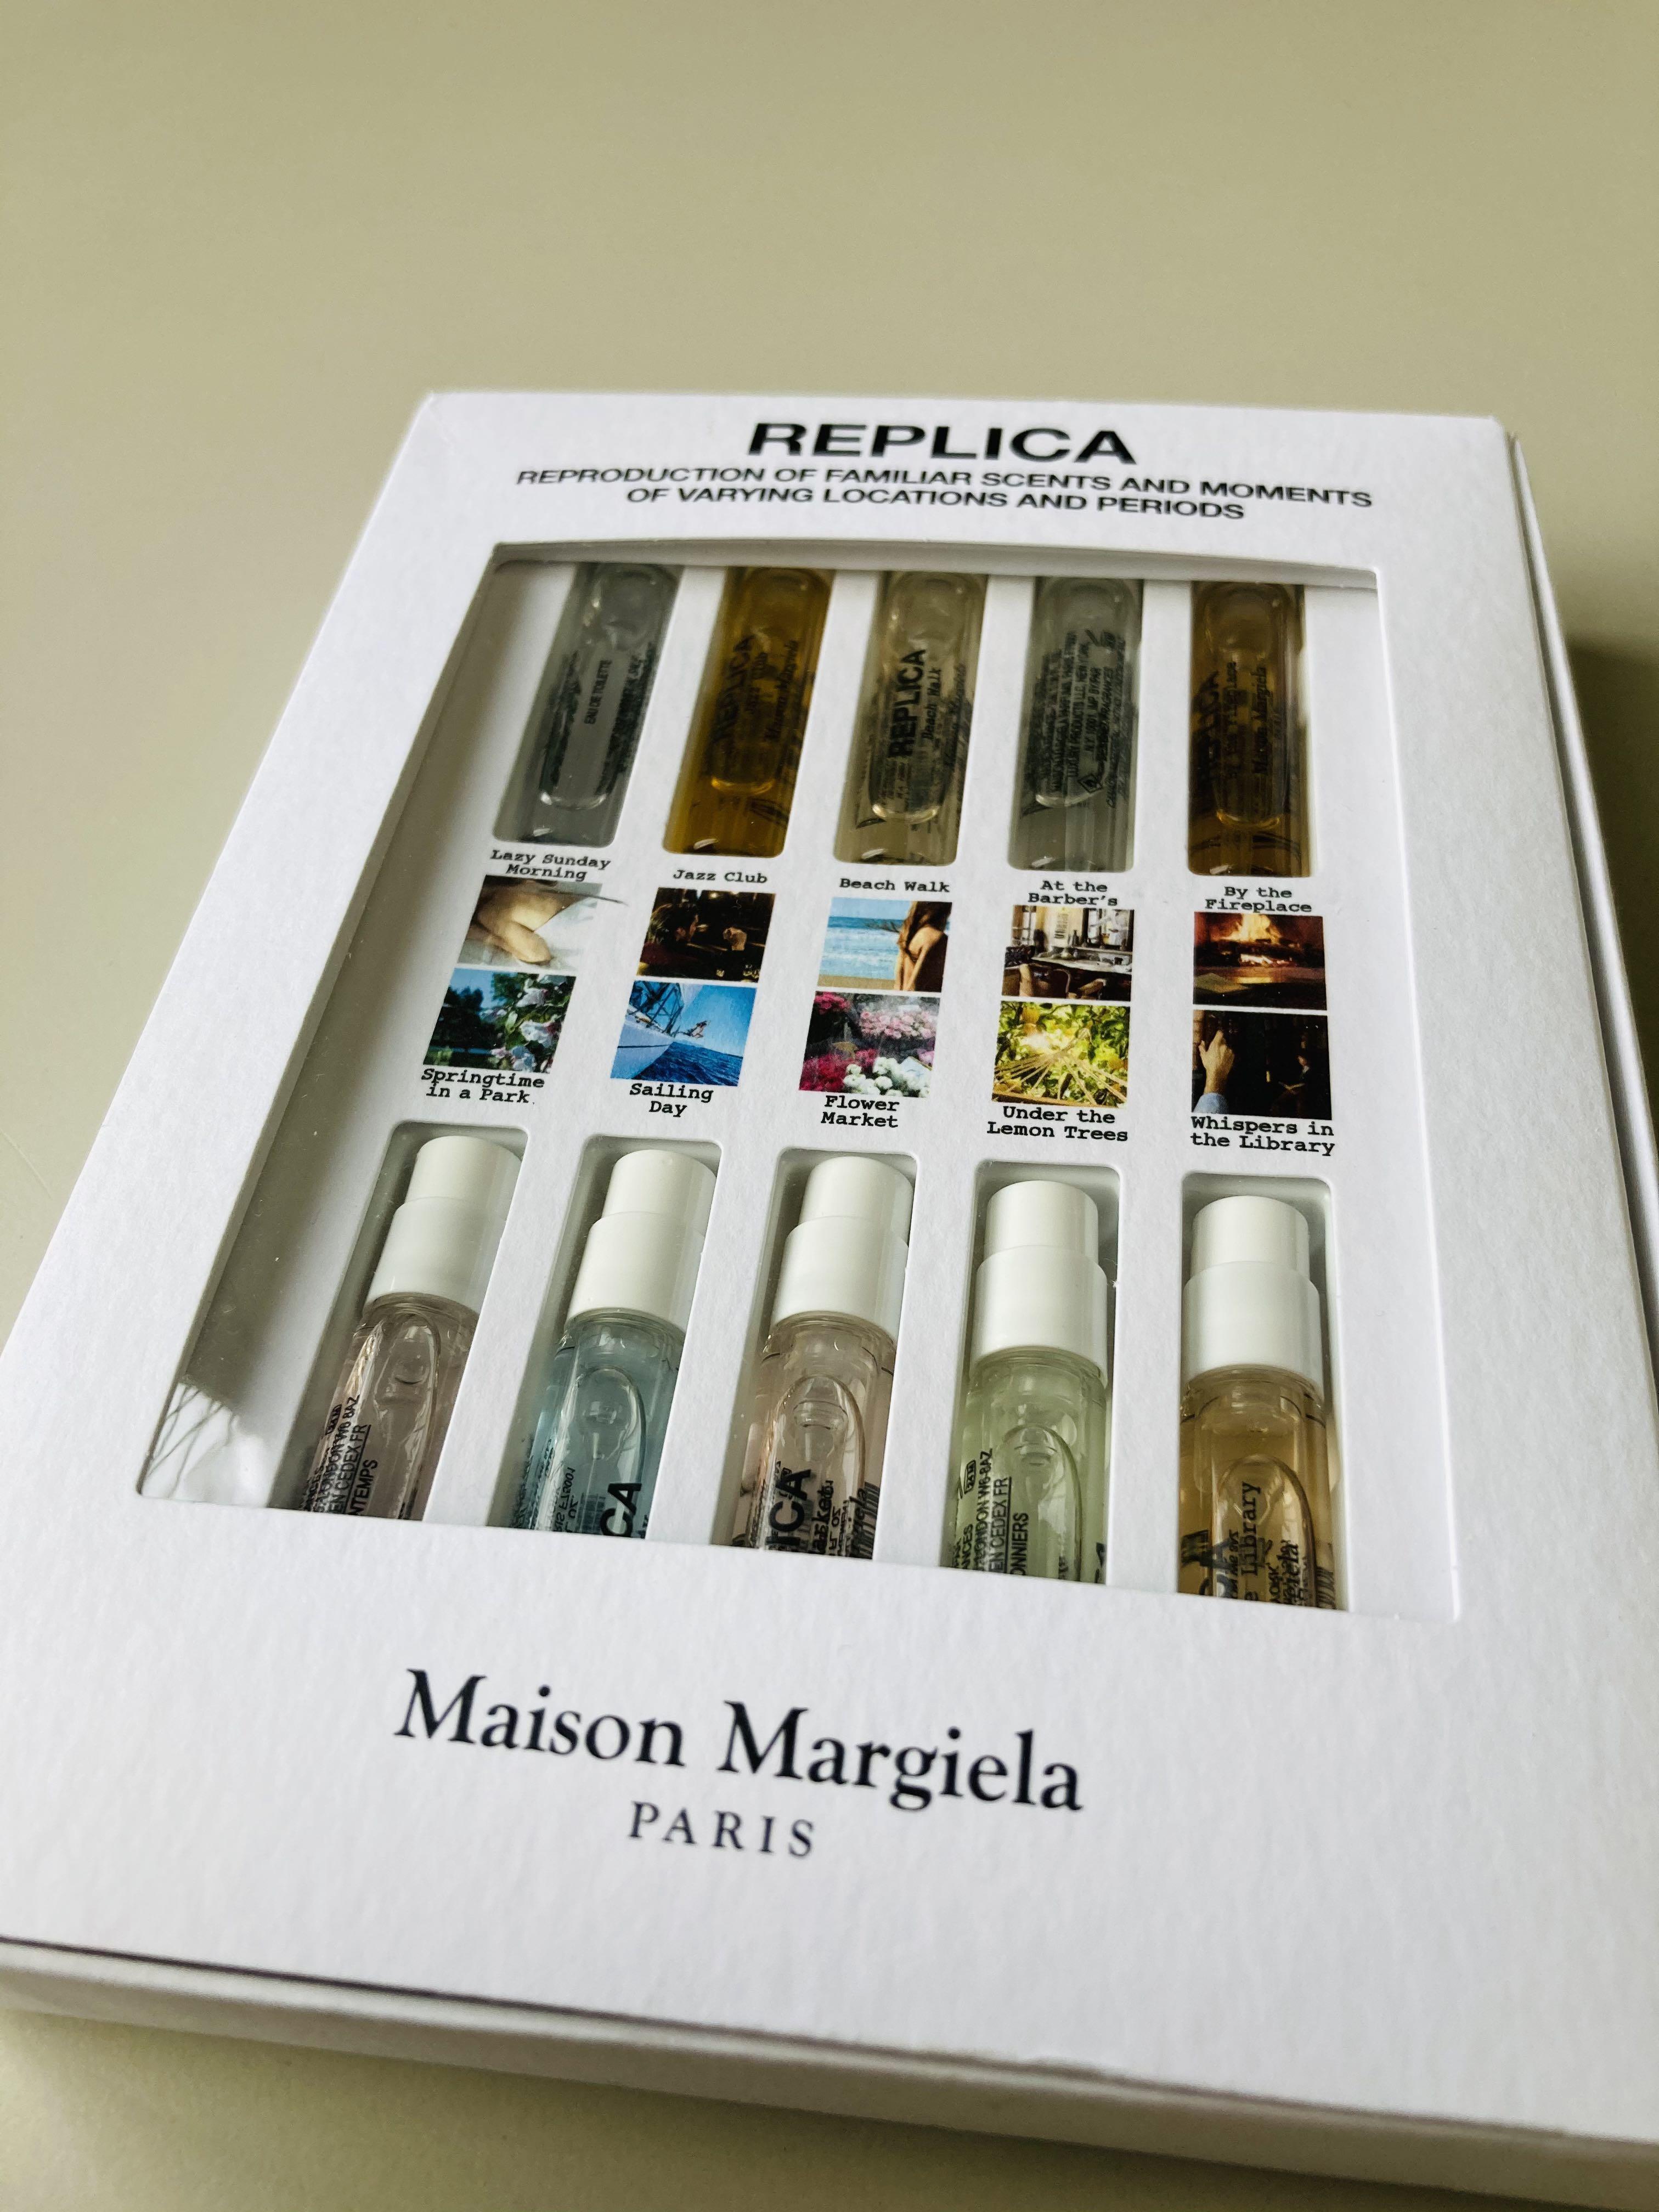 <歡迎出價>Maison Margiela REPLICA 試管香水禮盒